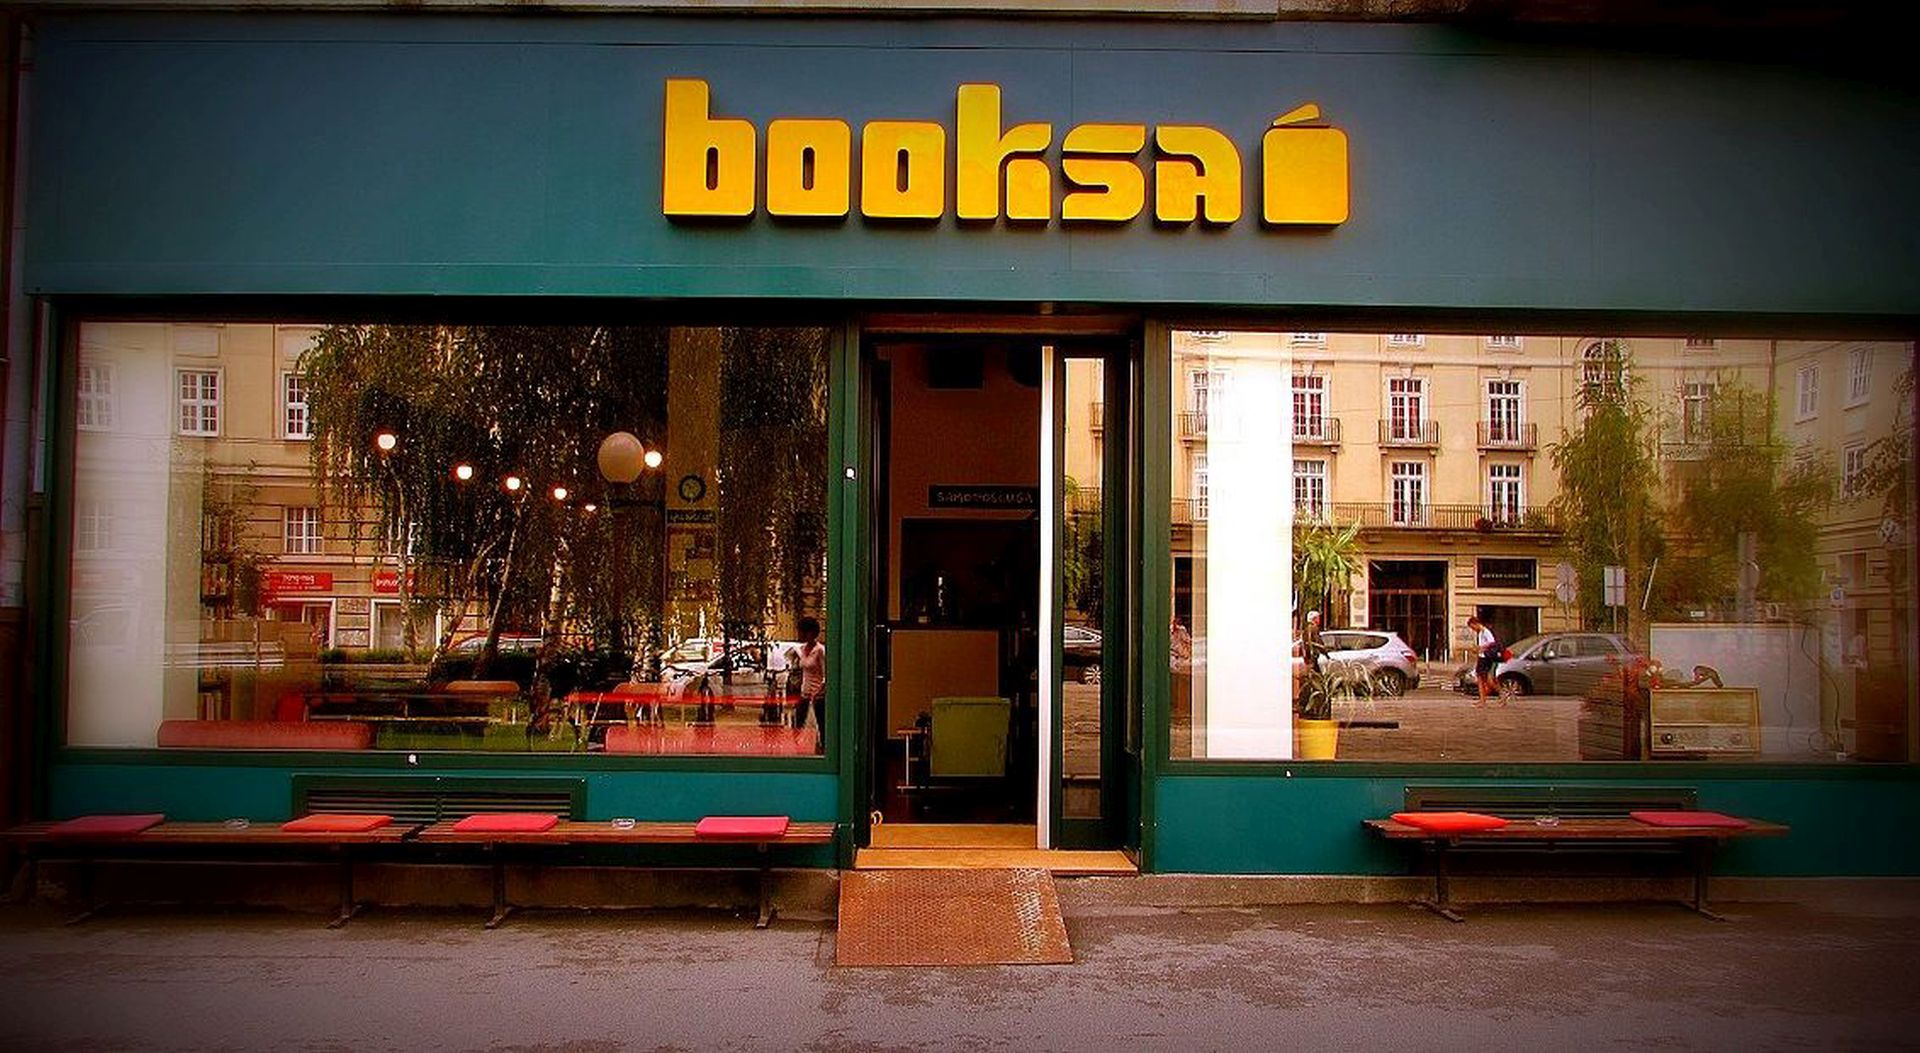 Baltičke zemlje na Reviji malih književnosti idući tjedan u Booksi